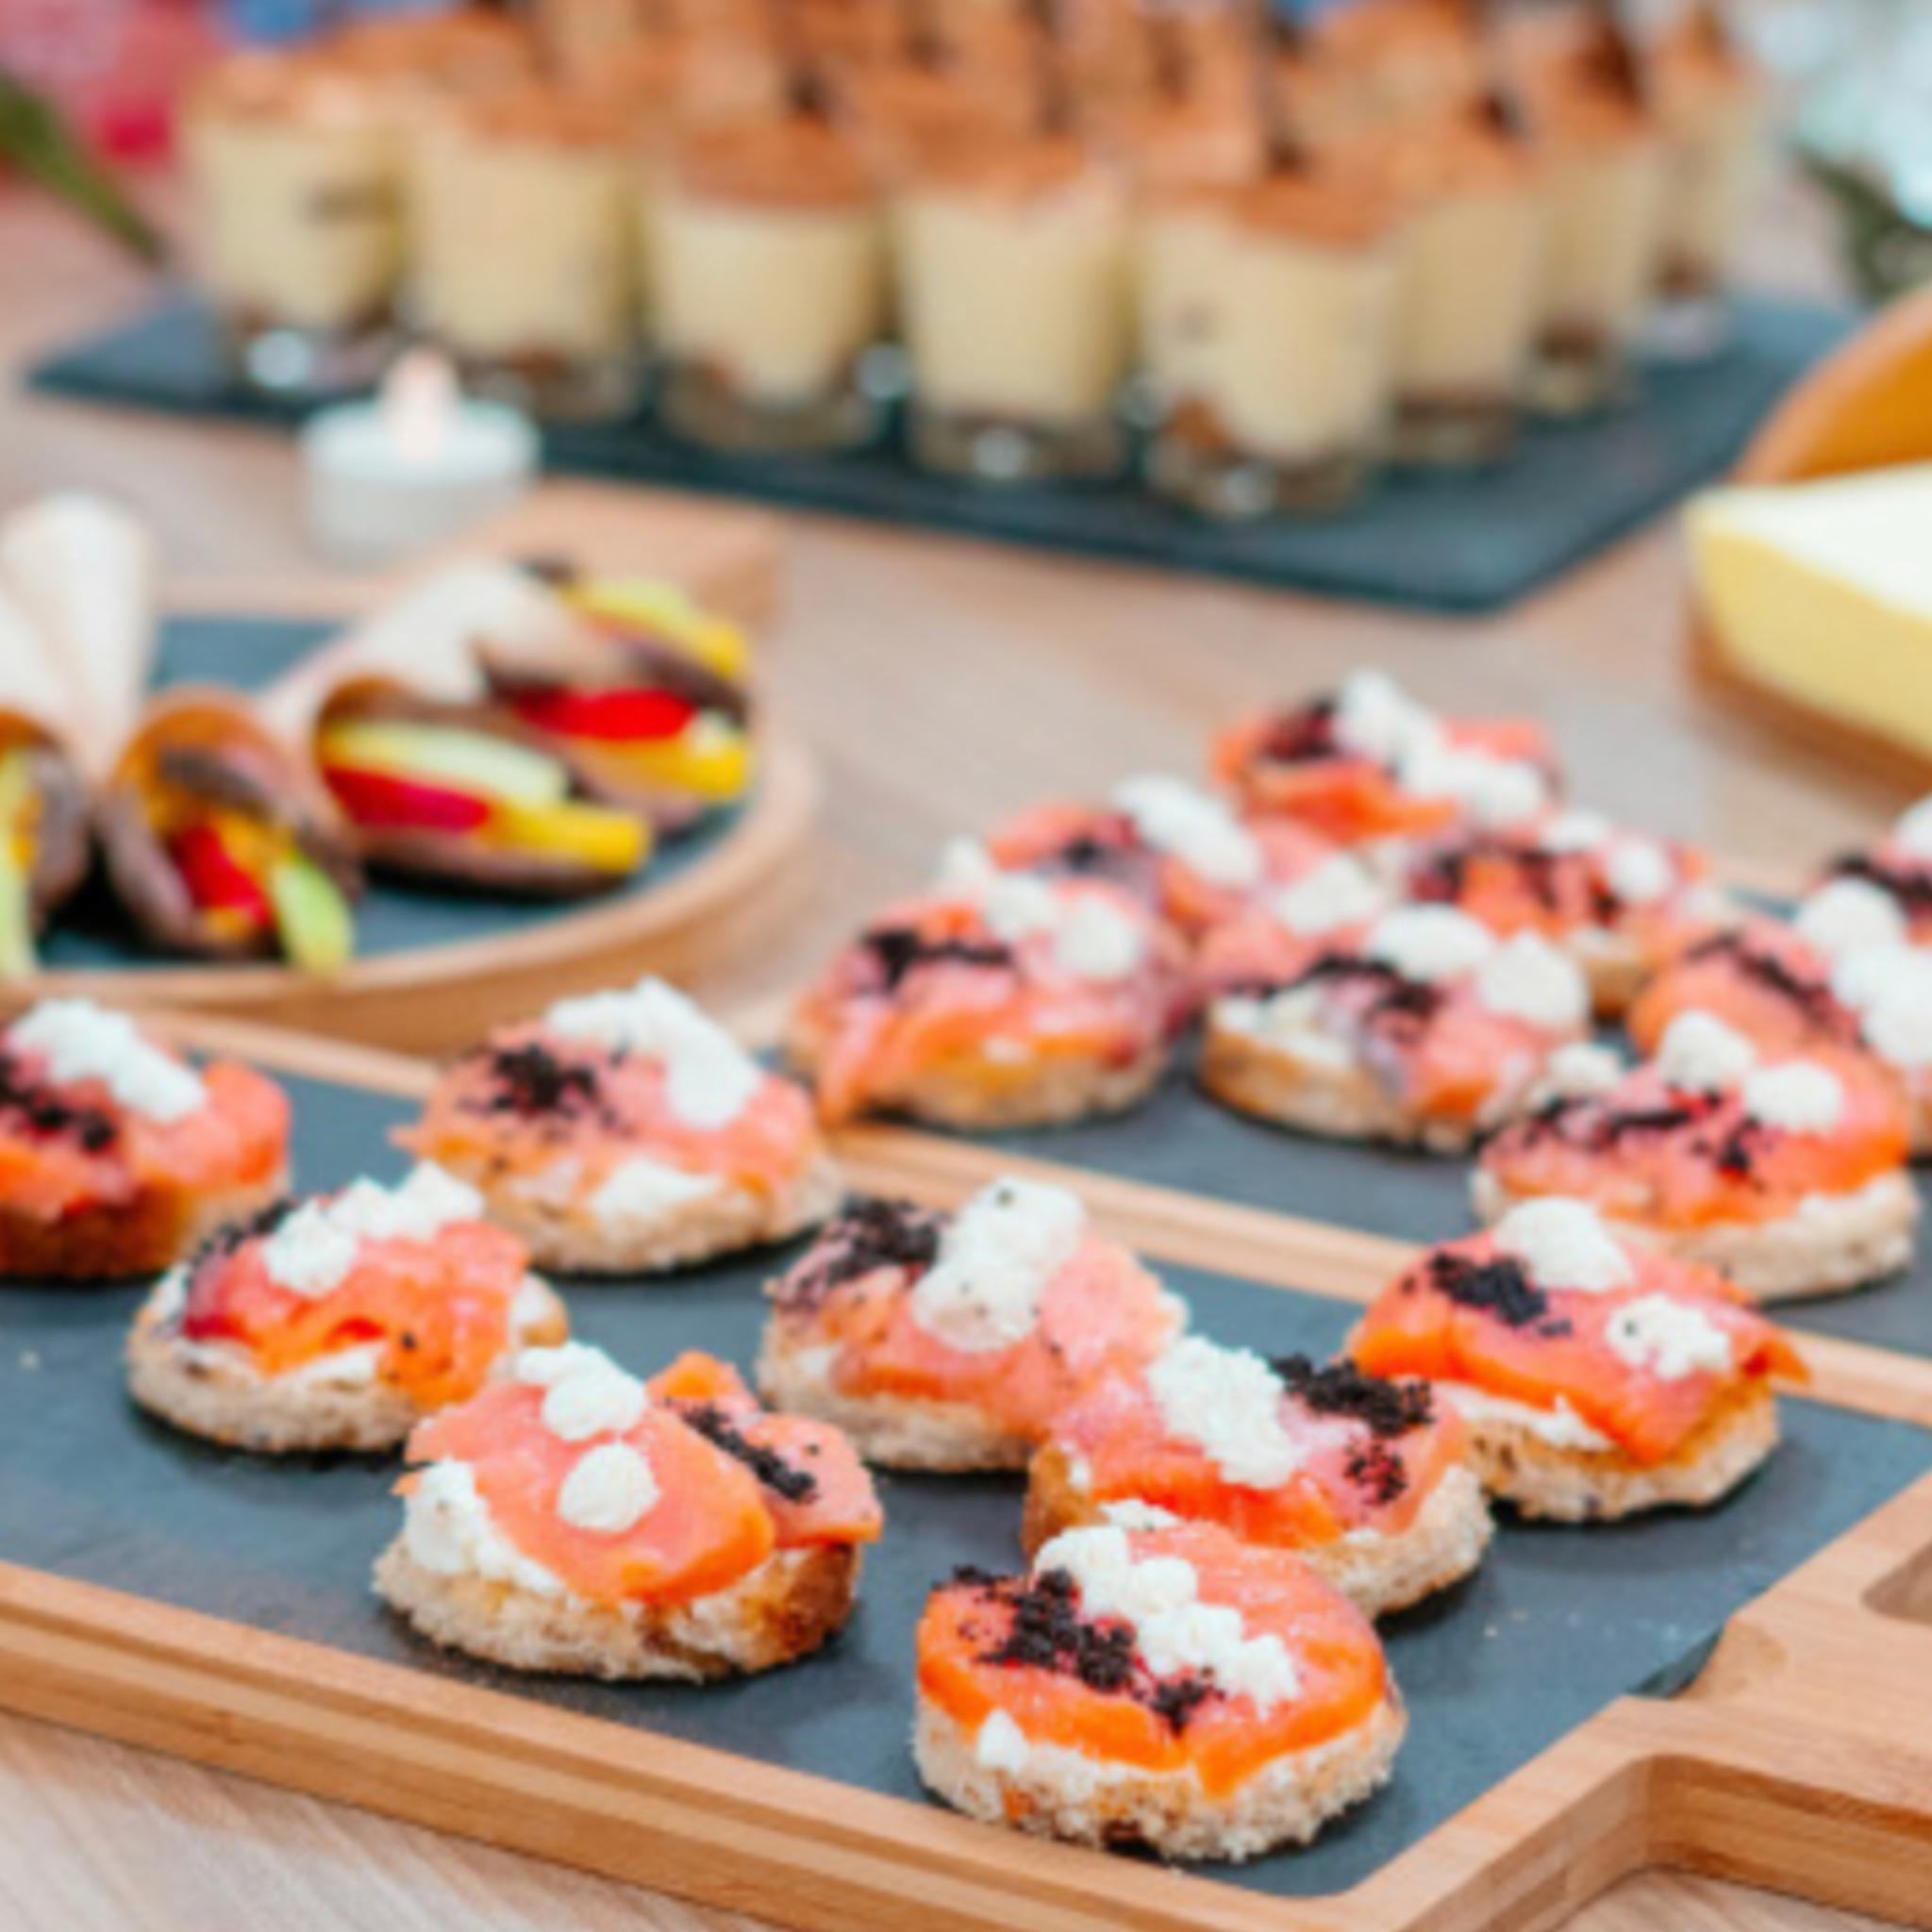 мероприятия в кулинарной студии в Москве